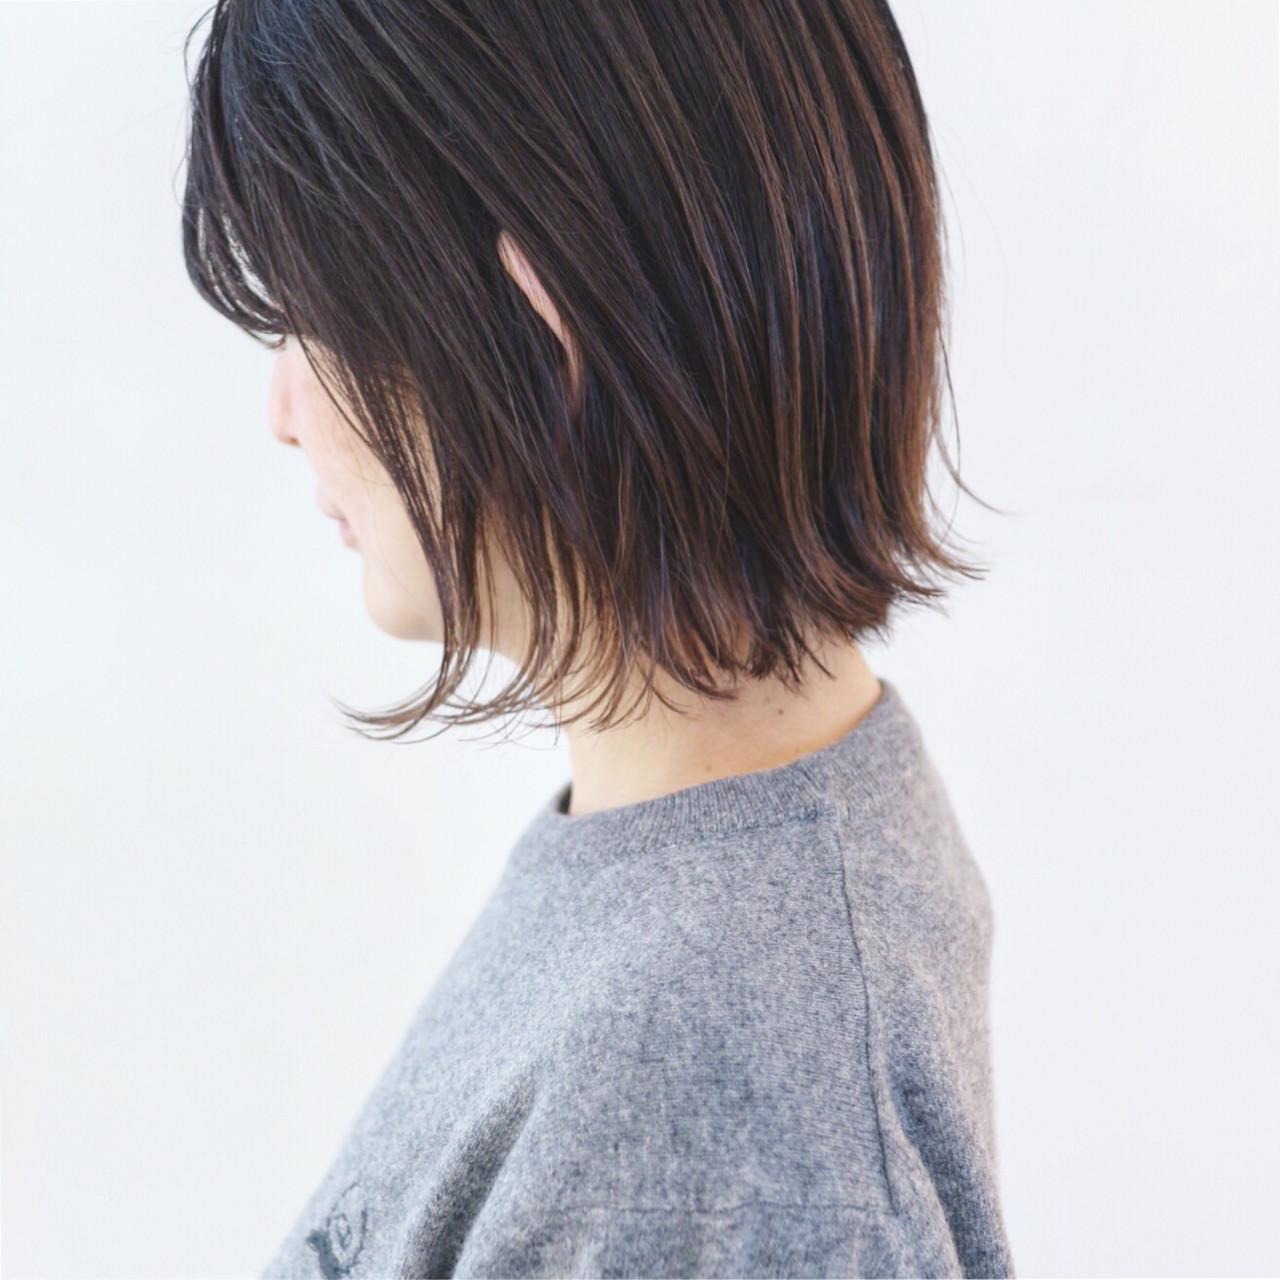 グラデーションカラー アンニュイほつれヘア ハイライト ボブ ヘアスタイルや髪型の写真・画像